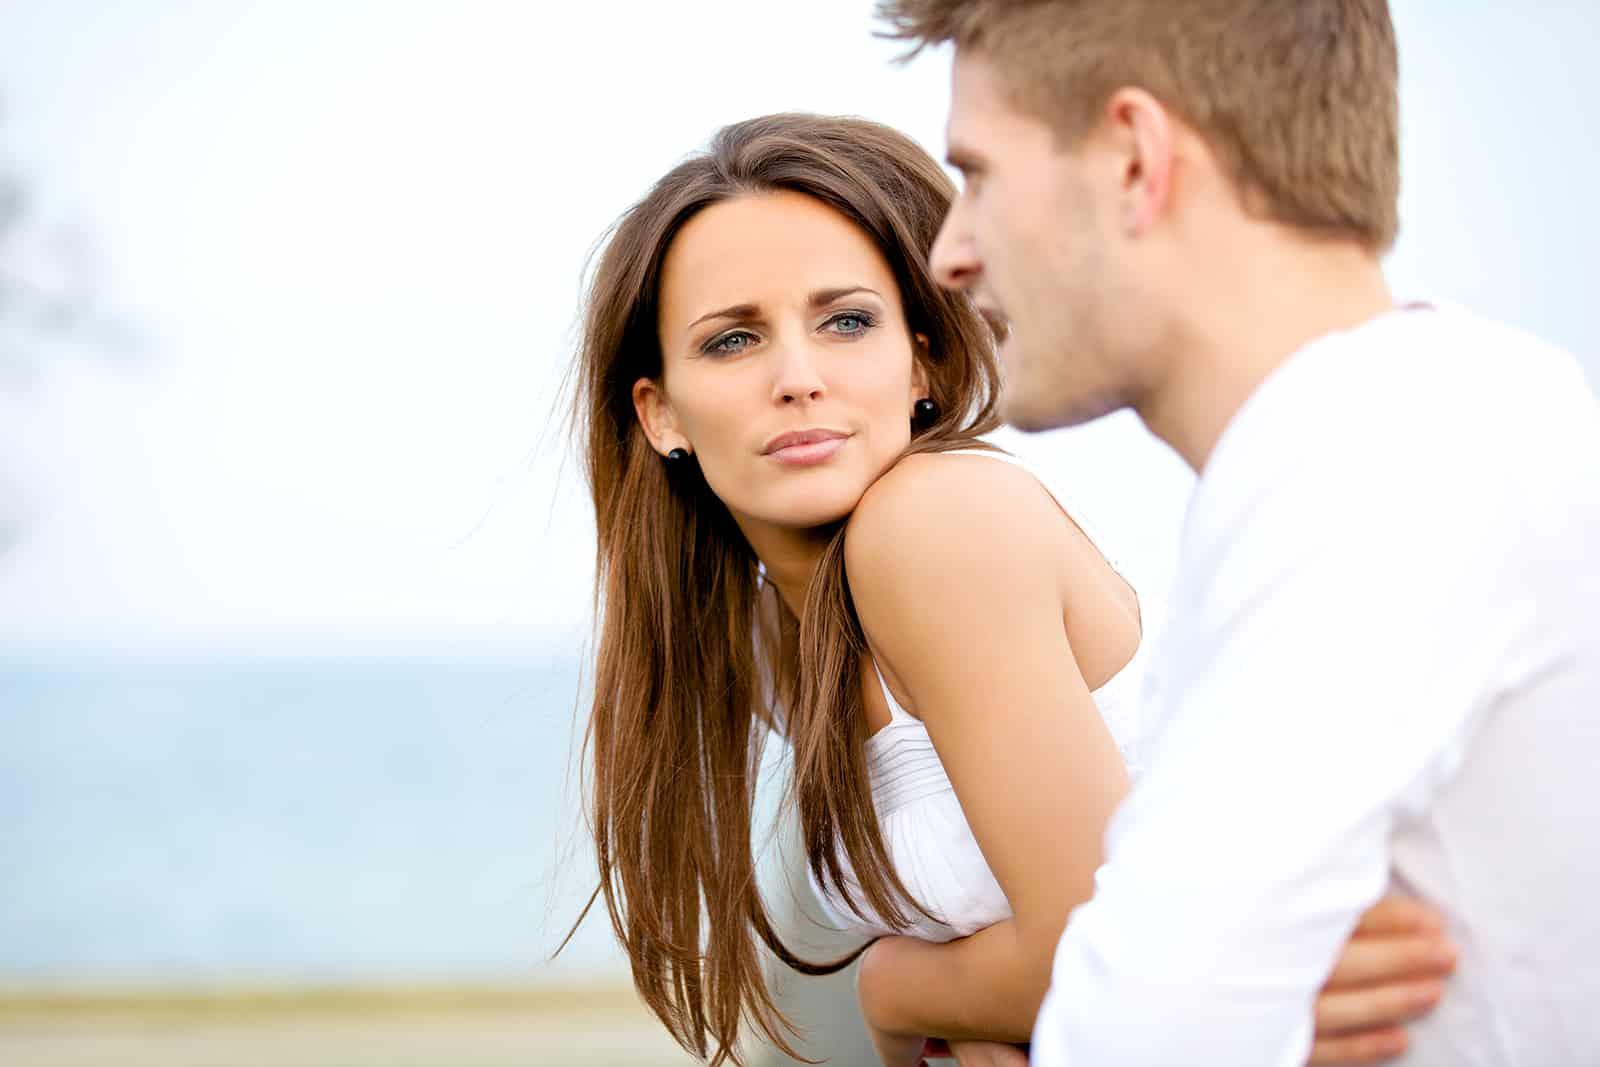 eine Frau, die einem Mann aufmerksam zuhört, während sie zusammen im Freien steht